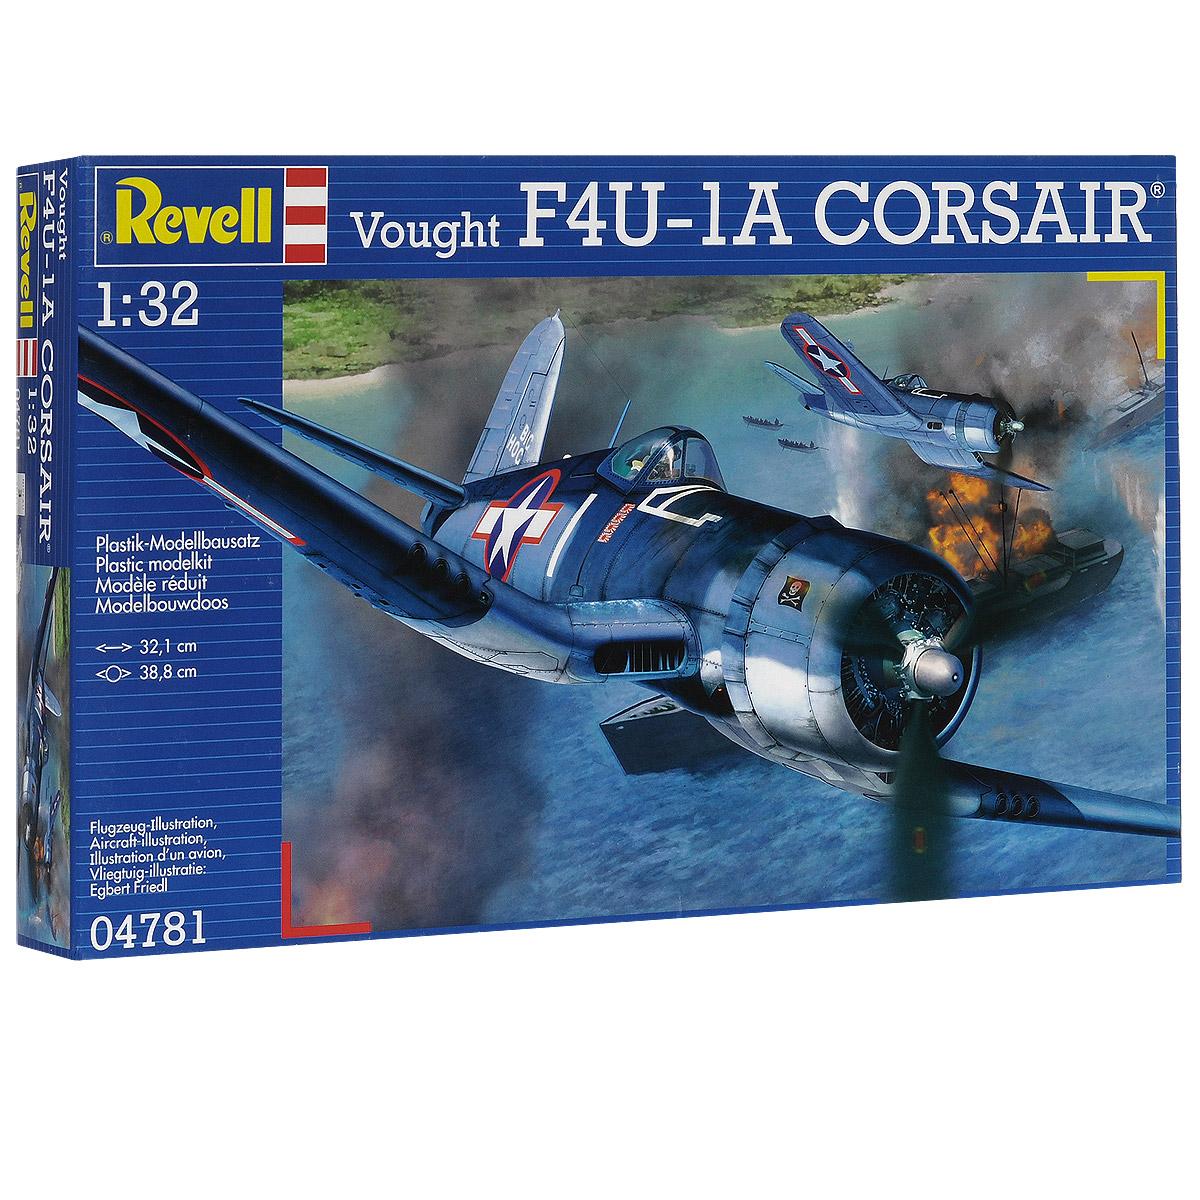 Сборная модель Revell Истребитель-бомбардировщик Vought F4U-1A Corsair04781Сборная модель Revell Истребитель-бомбардировщик Vought F4U-1A Corsair поможет вам и вашему ребенку придумать увлекательное занятие на долгое время. Набор включает в себя 68 пластиковых элементов, из которых можно собрать достоверную уменьшенную копию одноименного самолета. F4U Корсар - палубный одноместный истребитель времен Второй мировой войны. Строился и спроектирован фирмой Чанс-Воут. Военно-морские силы США в 1938 году провели конкурс на разработку палубного истребителя, победа в котором досталась фирме Чанс-Воут. В итоге сконструировали сильно изогнутое складывающееся крыло типа обратная чайка, основные стойки убирающегося шасси были расположены в месте излома крыла. На самолете модели Корсар впервые в авиастроении использована точечная электросварка. 3 июня 1941 года ВМС подписали с фирмой контракт на поставку 580 самолетов этого типа. Также в наборе схематичная инструкция по сборке. Процесс сборки развивает интеллектуальные и инструментальные...